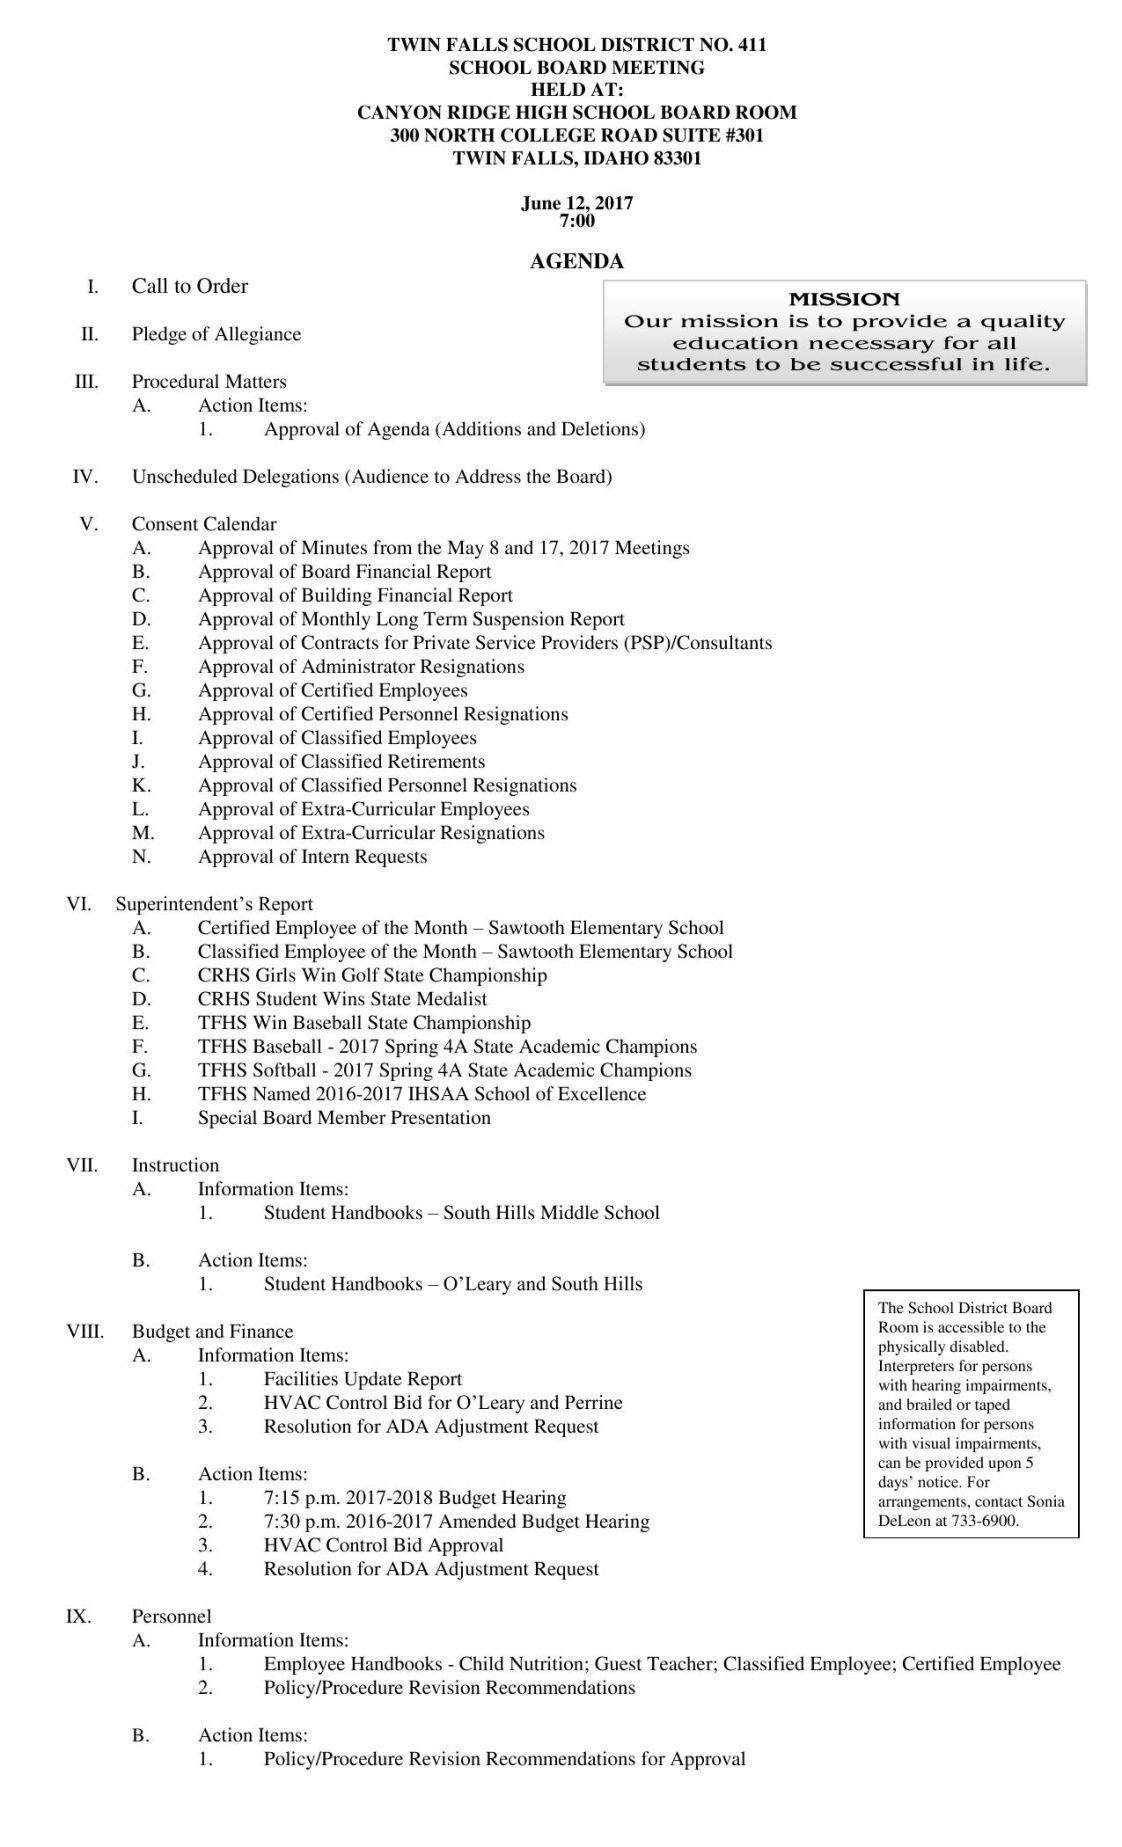 June 12 school board packet